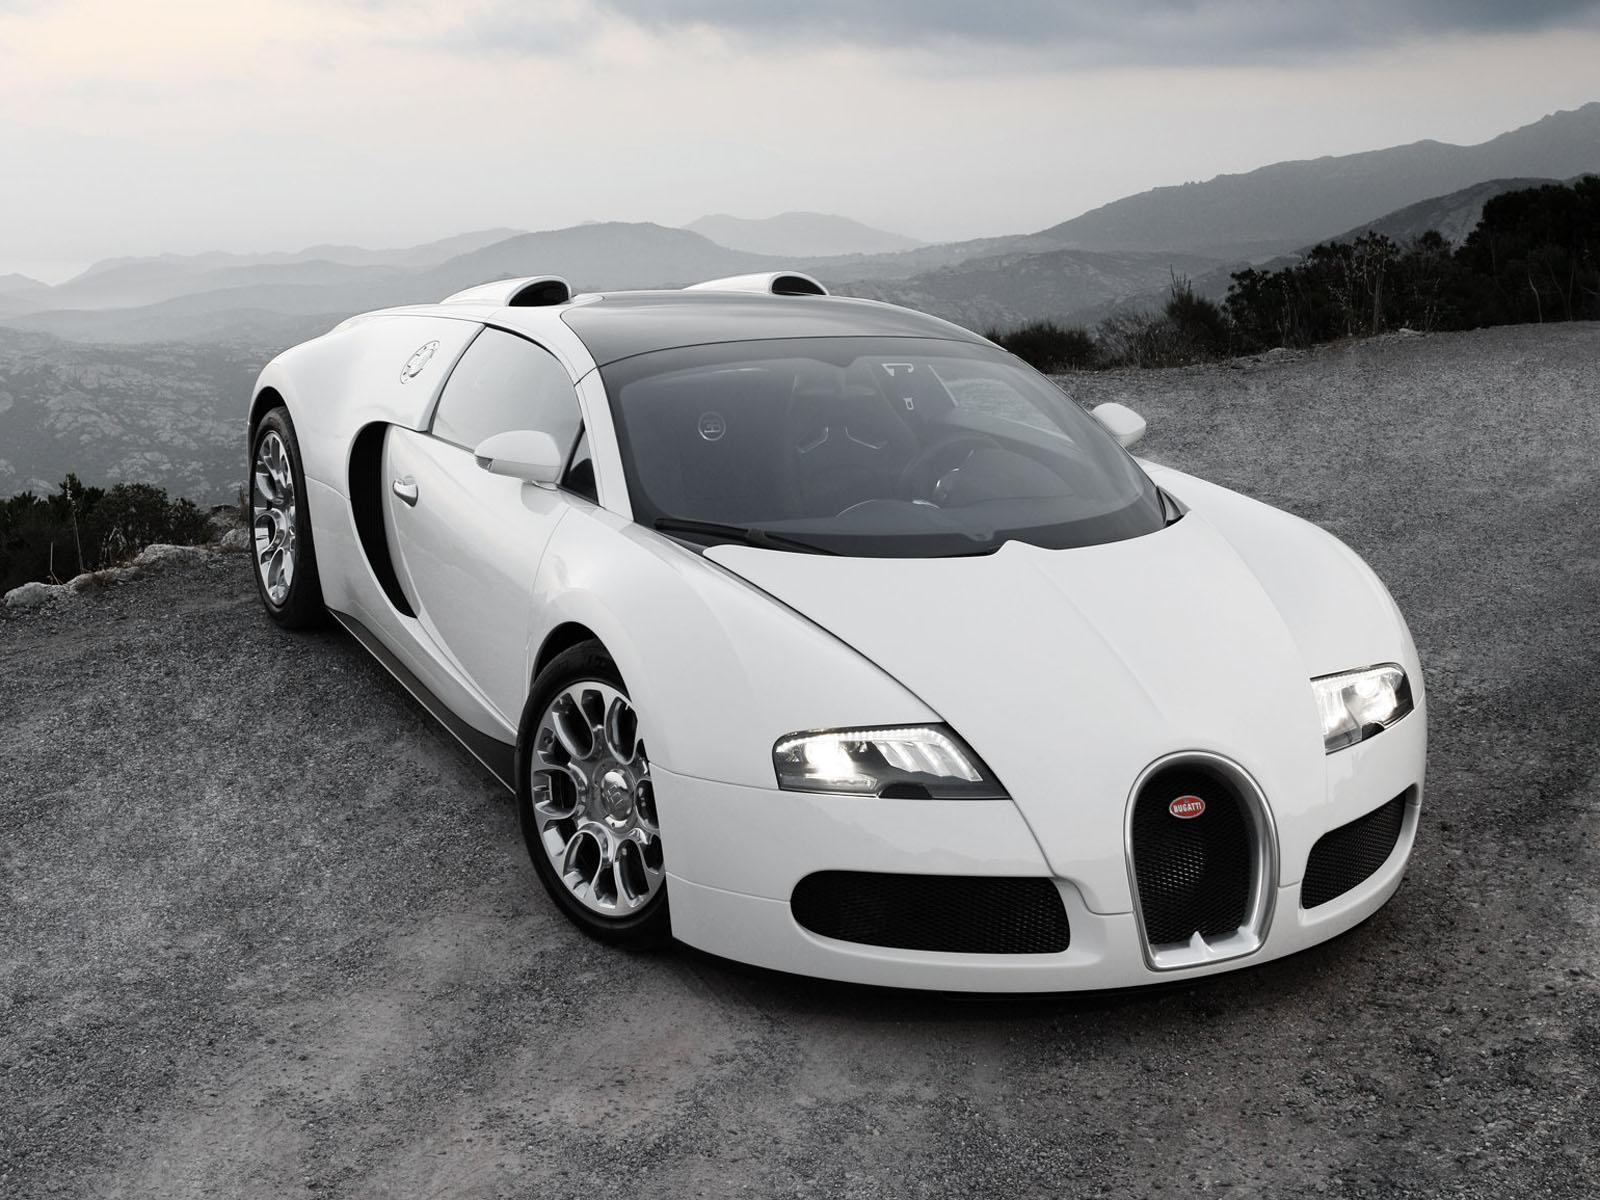 Hdcar Wallpapers Bugatti Veyron Wallpaper